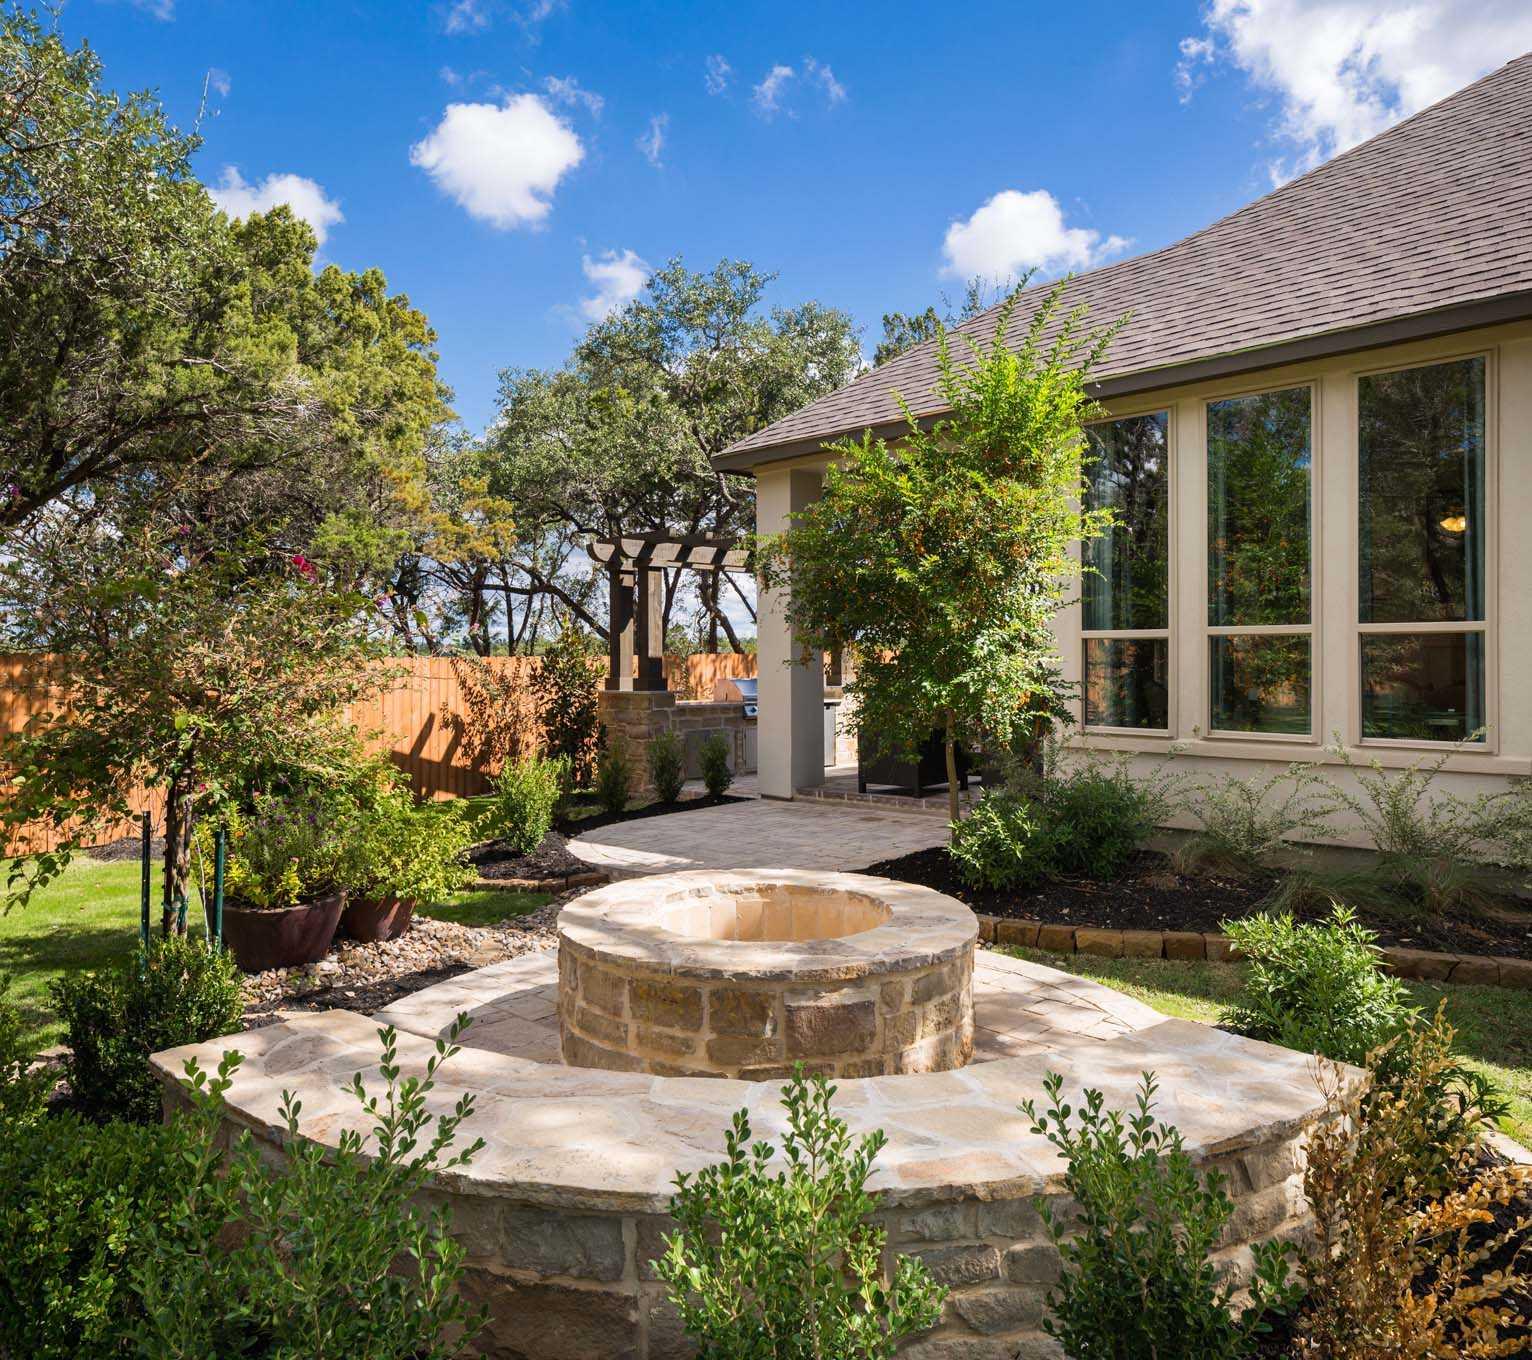 Patio Builders San Antonio Texas: Model Home In San Antonio Texas, Cibolo Canyons